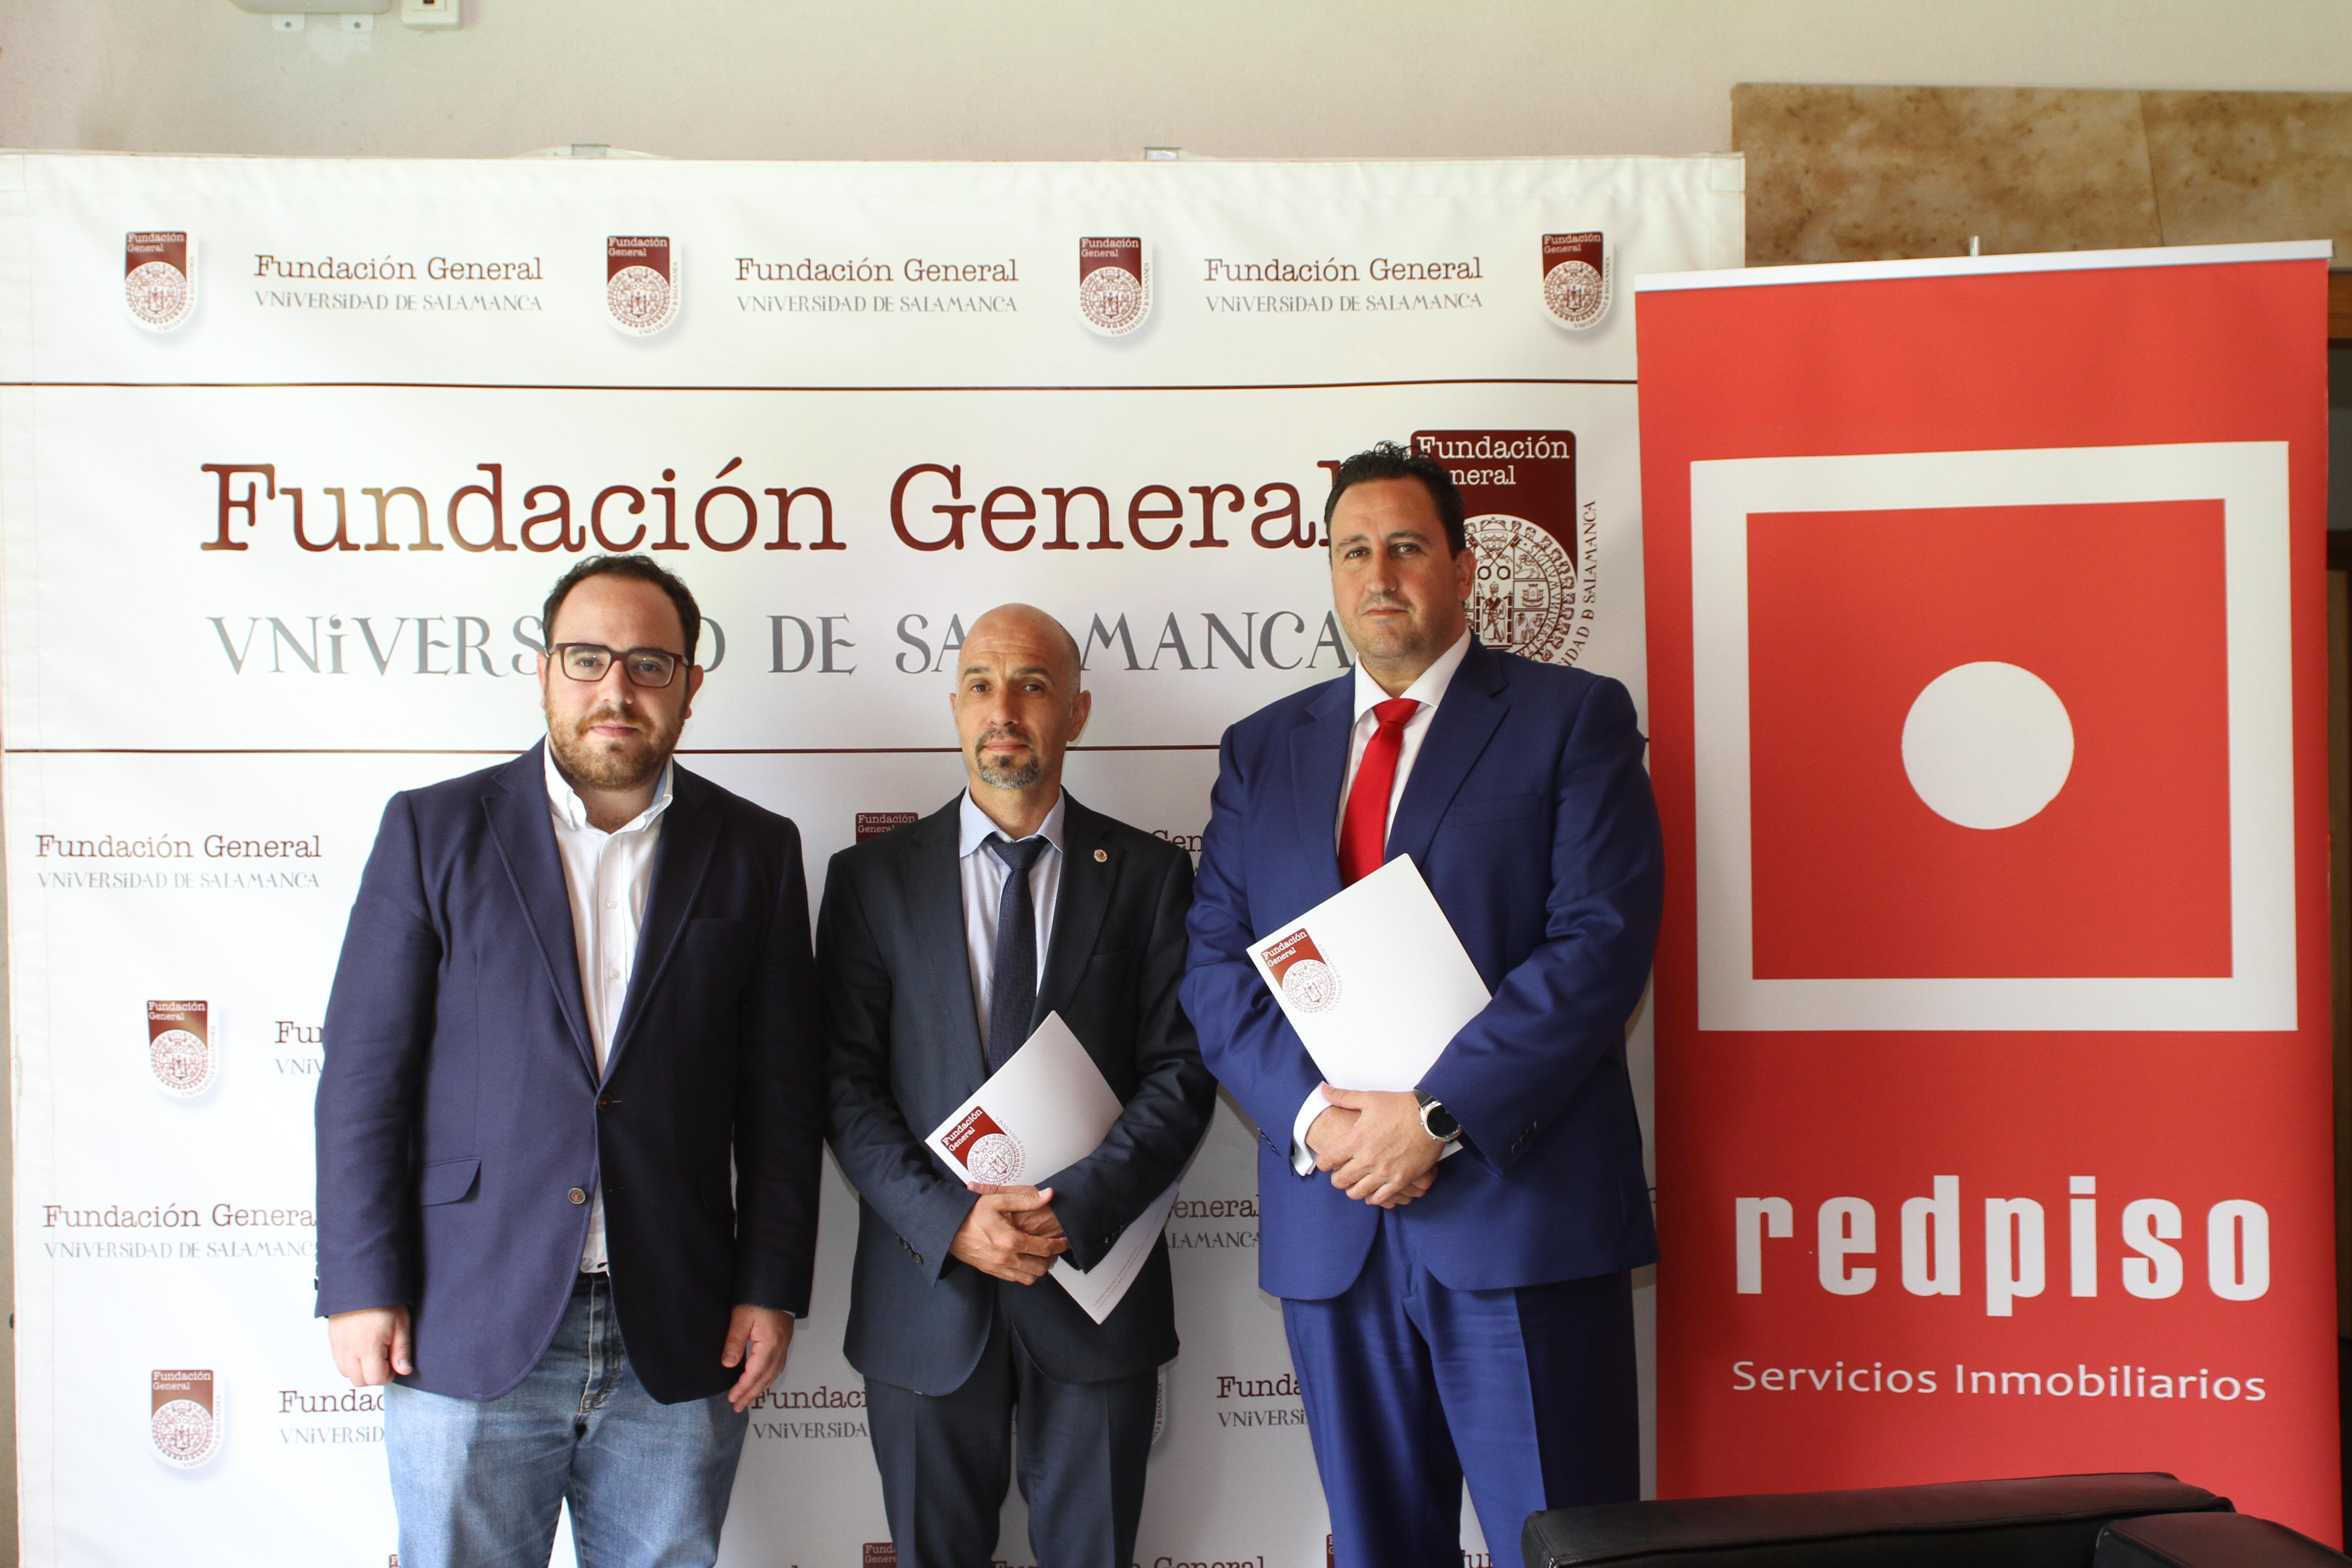 Redpiso se incorpora al grupo de Empresas Amigas de la Universidad de Salamanca